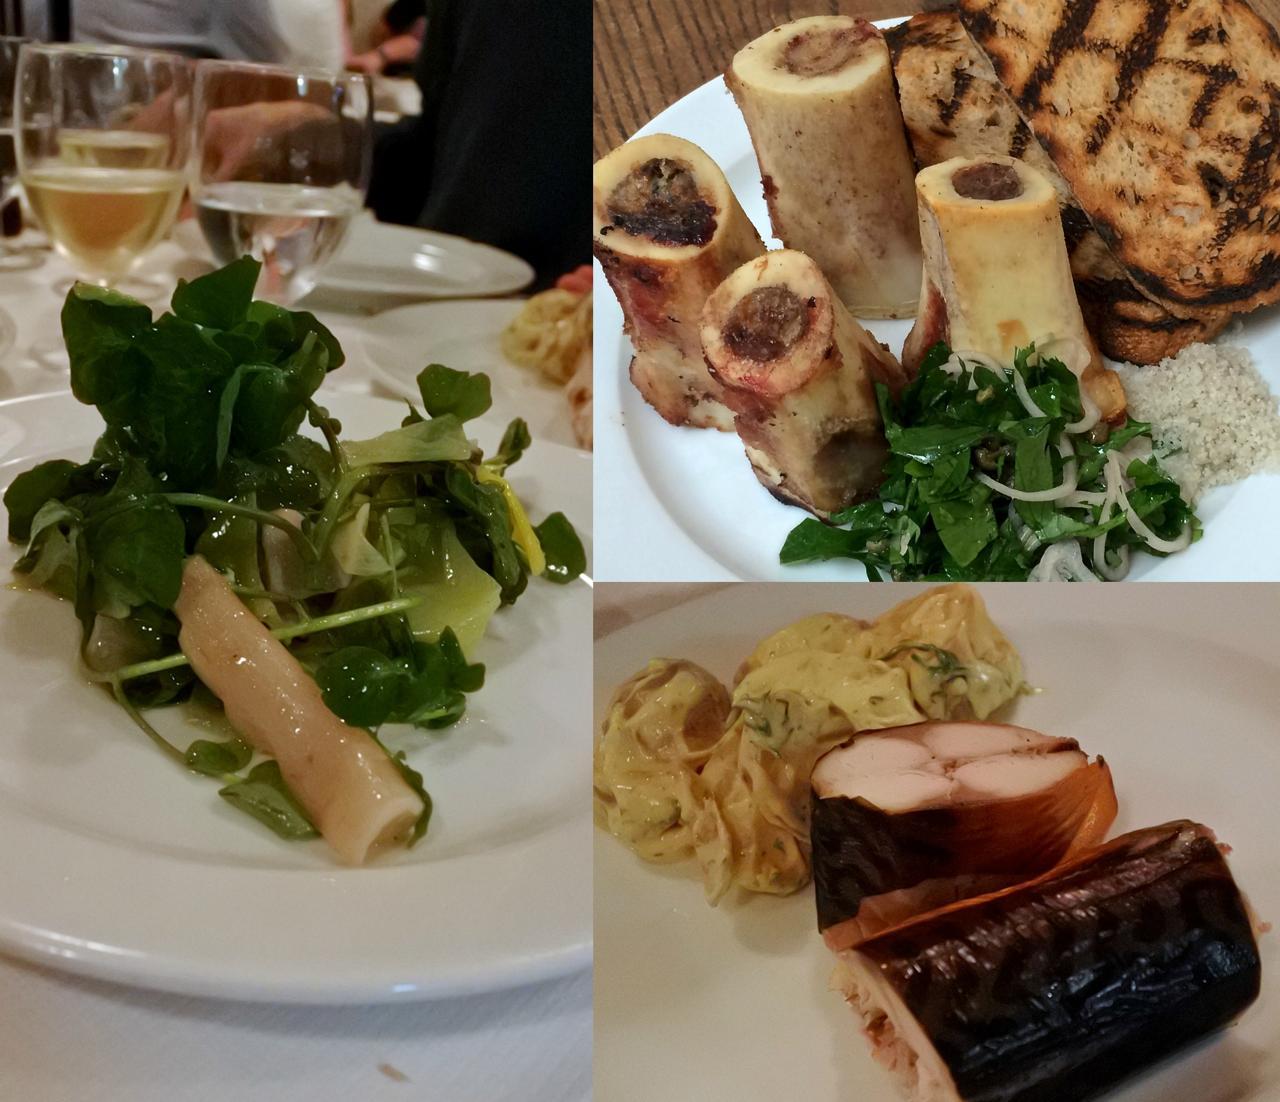 右上が骨髄とパセリのサラダ。右下はスモークしたぶつ切りの鯖とポテト、左は西洋ゴボウのサラダ